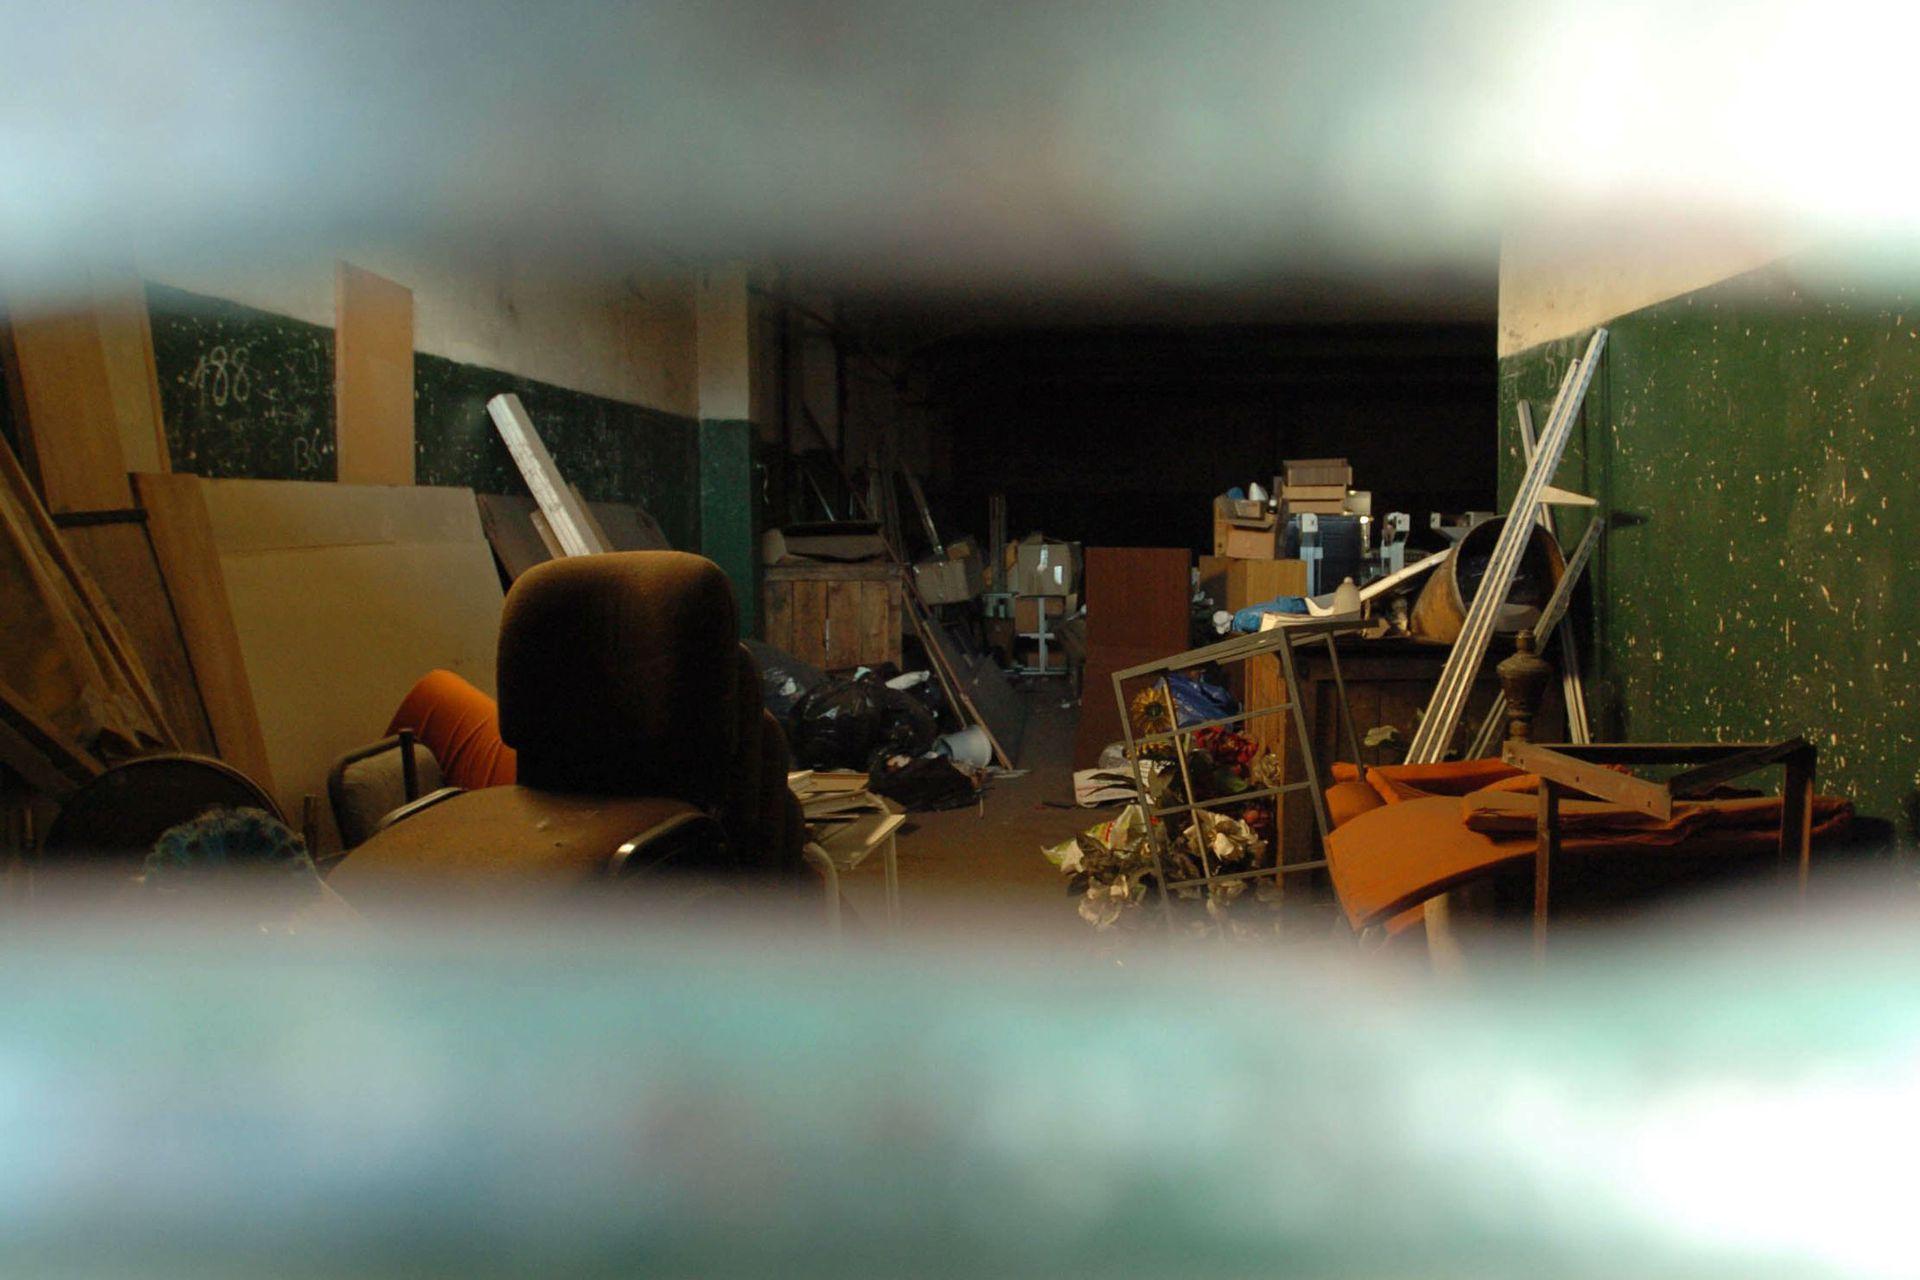 Los investigadores descubrieron en 2004 un depósito en Ciudadalea, en el que supuestamente Rímolo guardaba medicamentos y documentos de su clínica